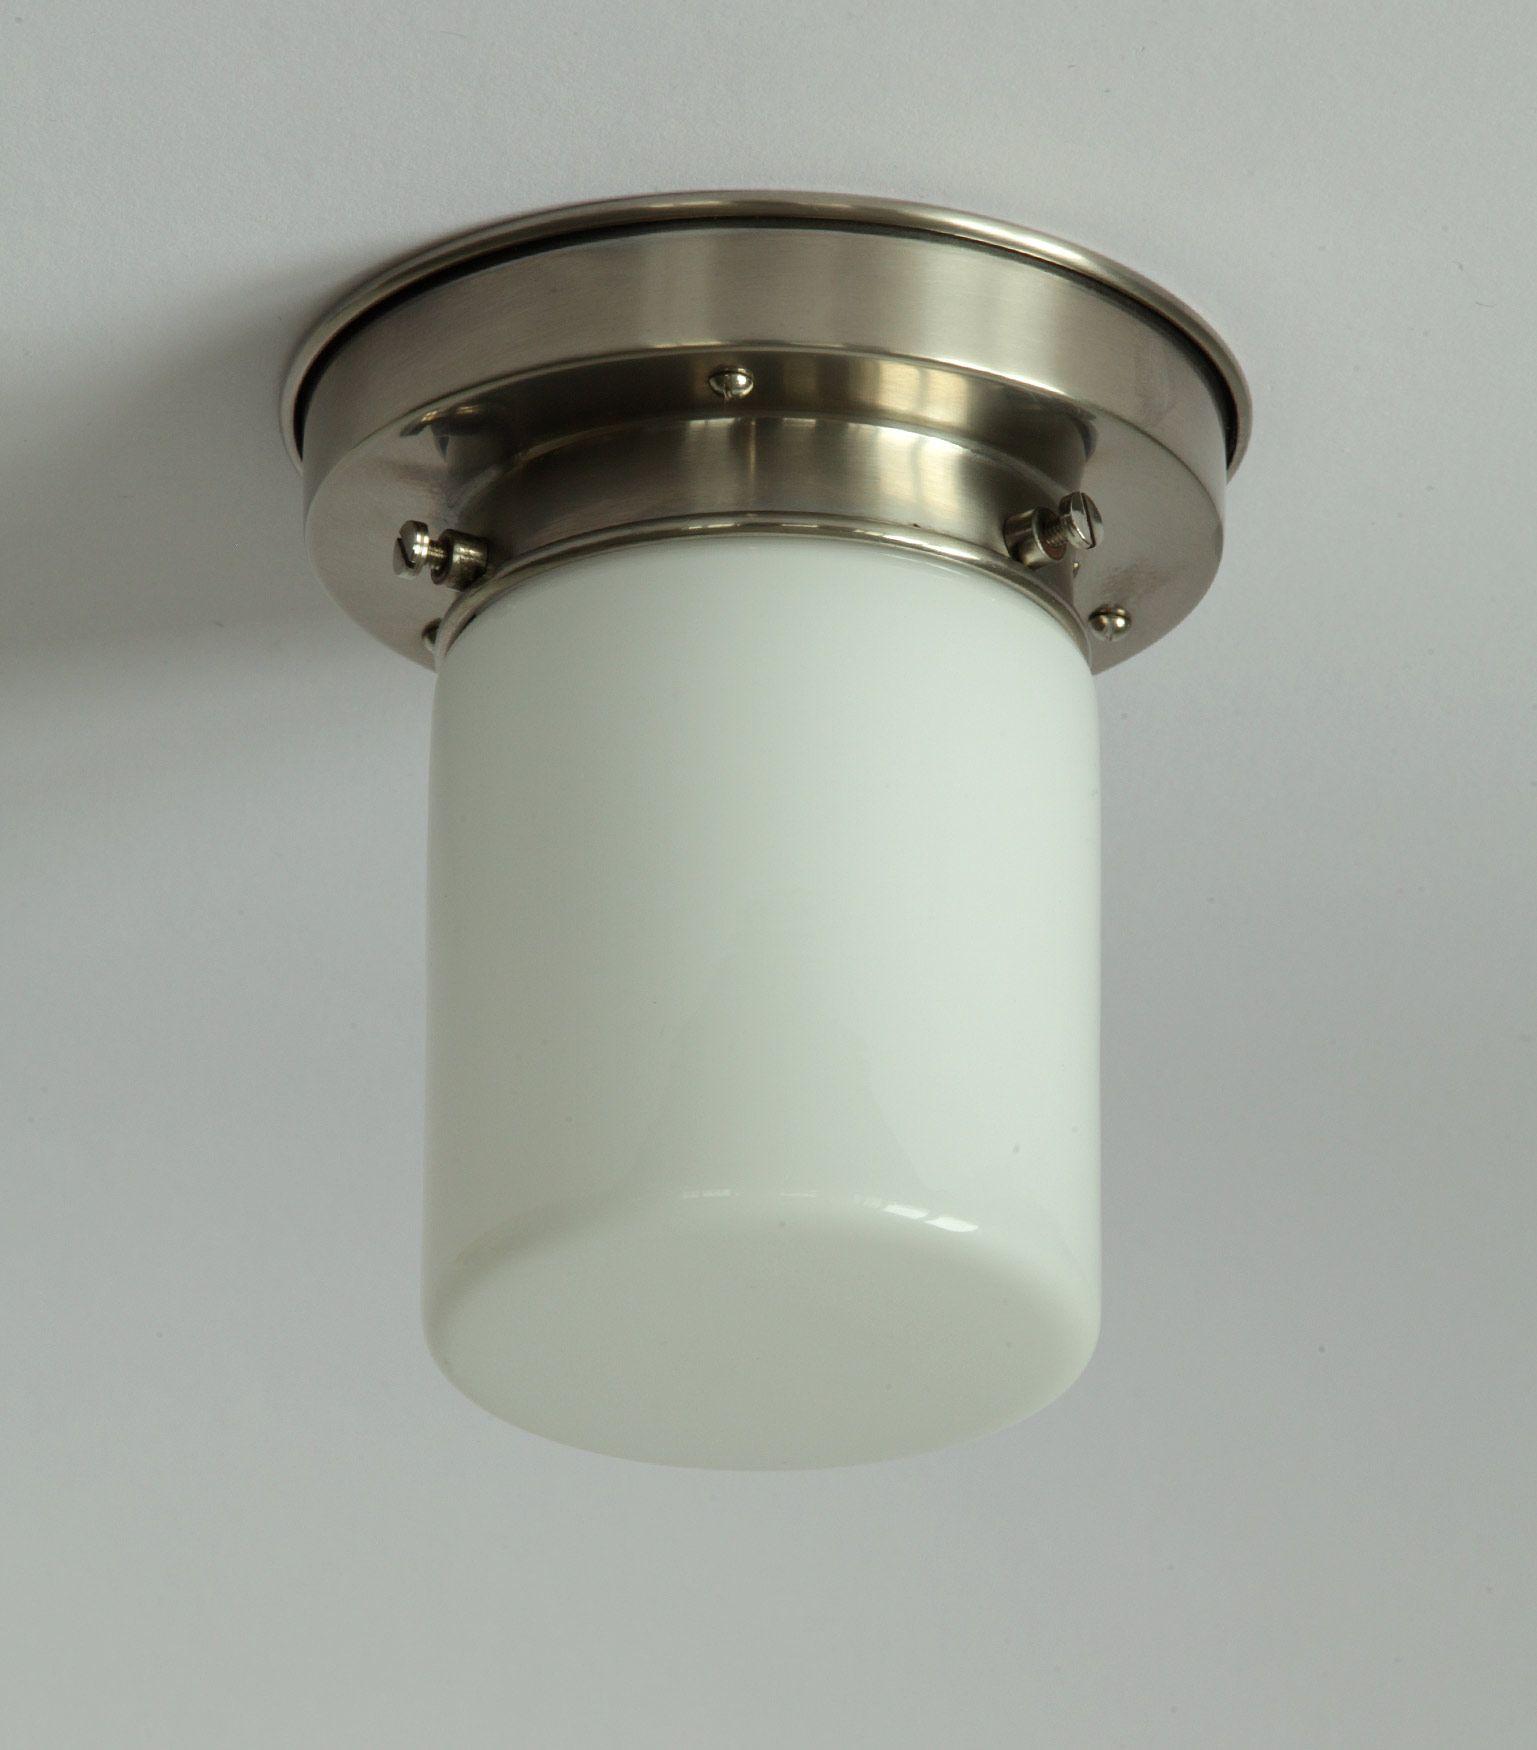 Sehr Kleine Deckenleuchte Mit Zylinder Opalglas O 9 Cm Von Collectie Art Deco Art Deco Badezimmer Badezimmer Licht Glaskugel